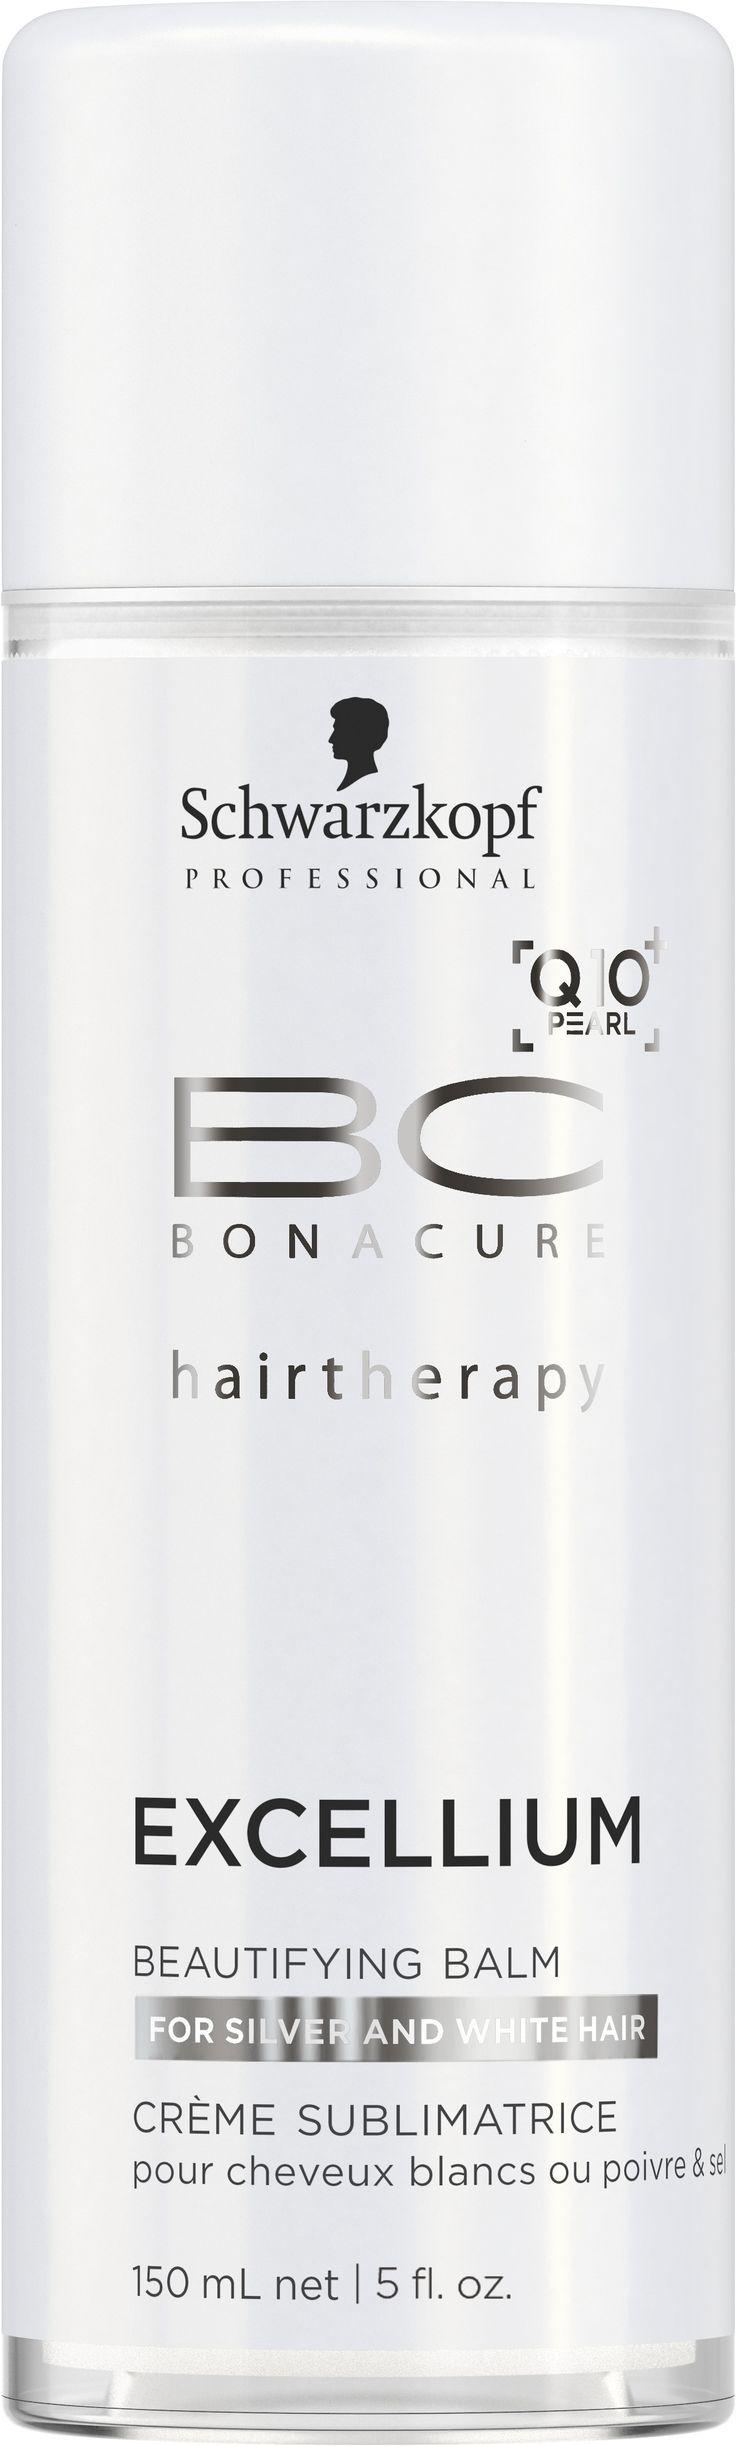 BC EXCELLIUM Q10+ GYÖNGY Beautifying hajpakolás, 150 ml Tápláló hajpakolás a száraz, törékeny érett hajra. Helyrehozza a strukturális sérüléseket és lesimítja a haj felületét egy sima, csillogó frizura érdekében.